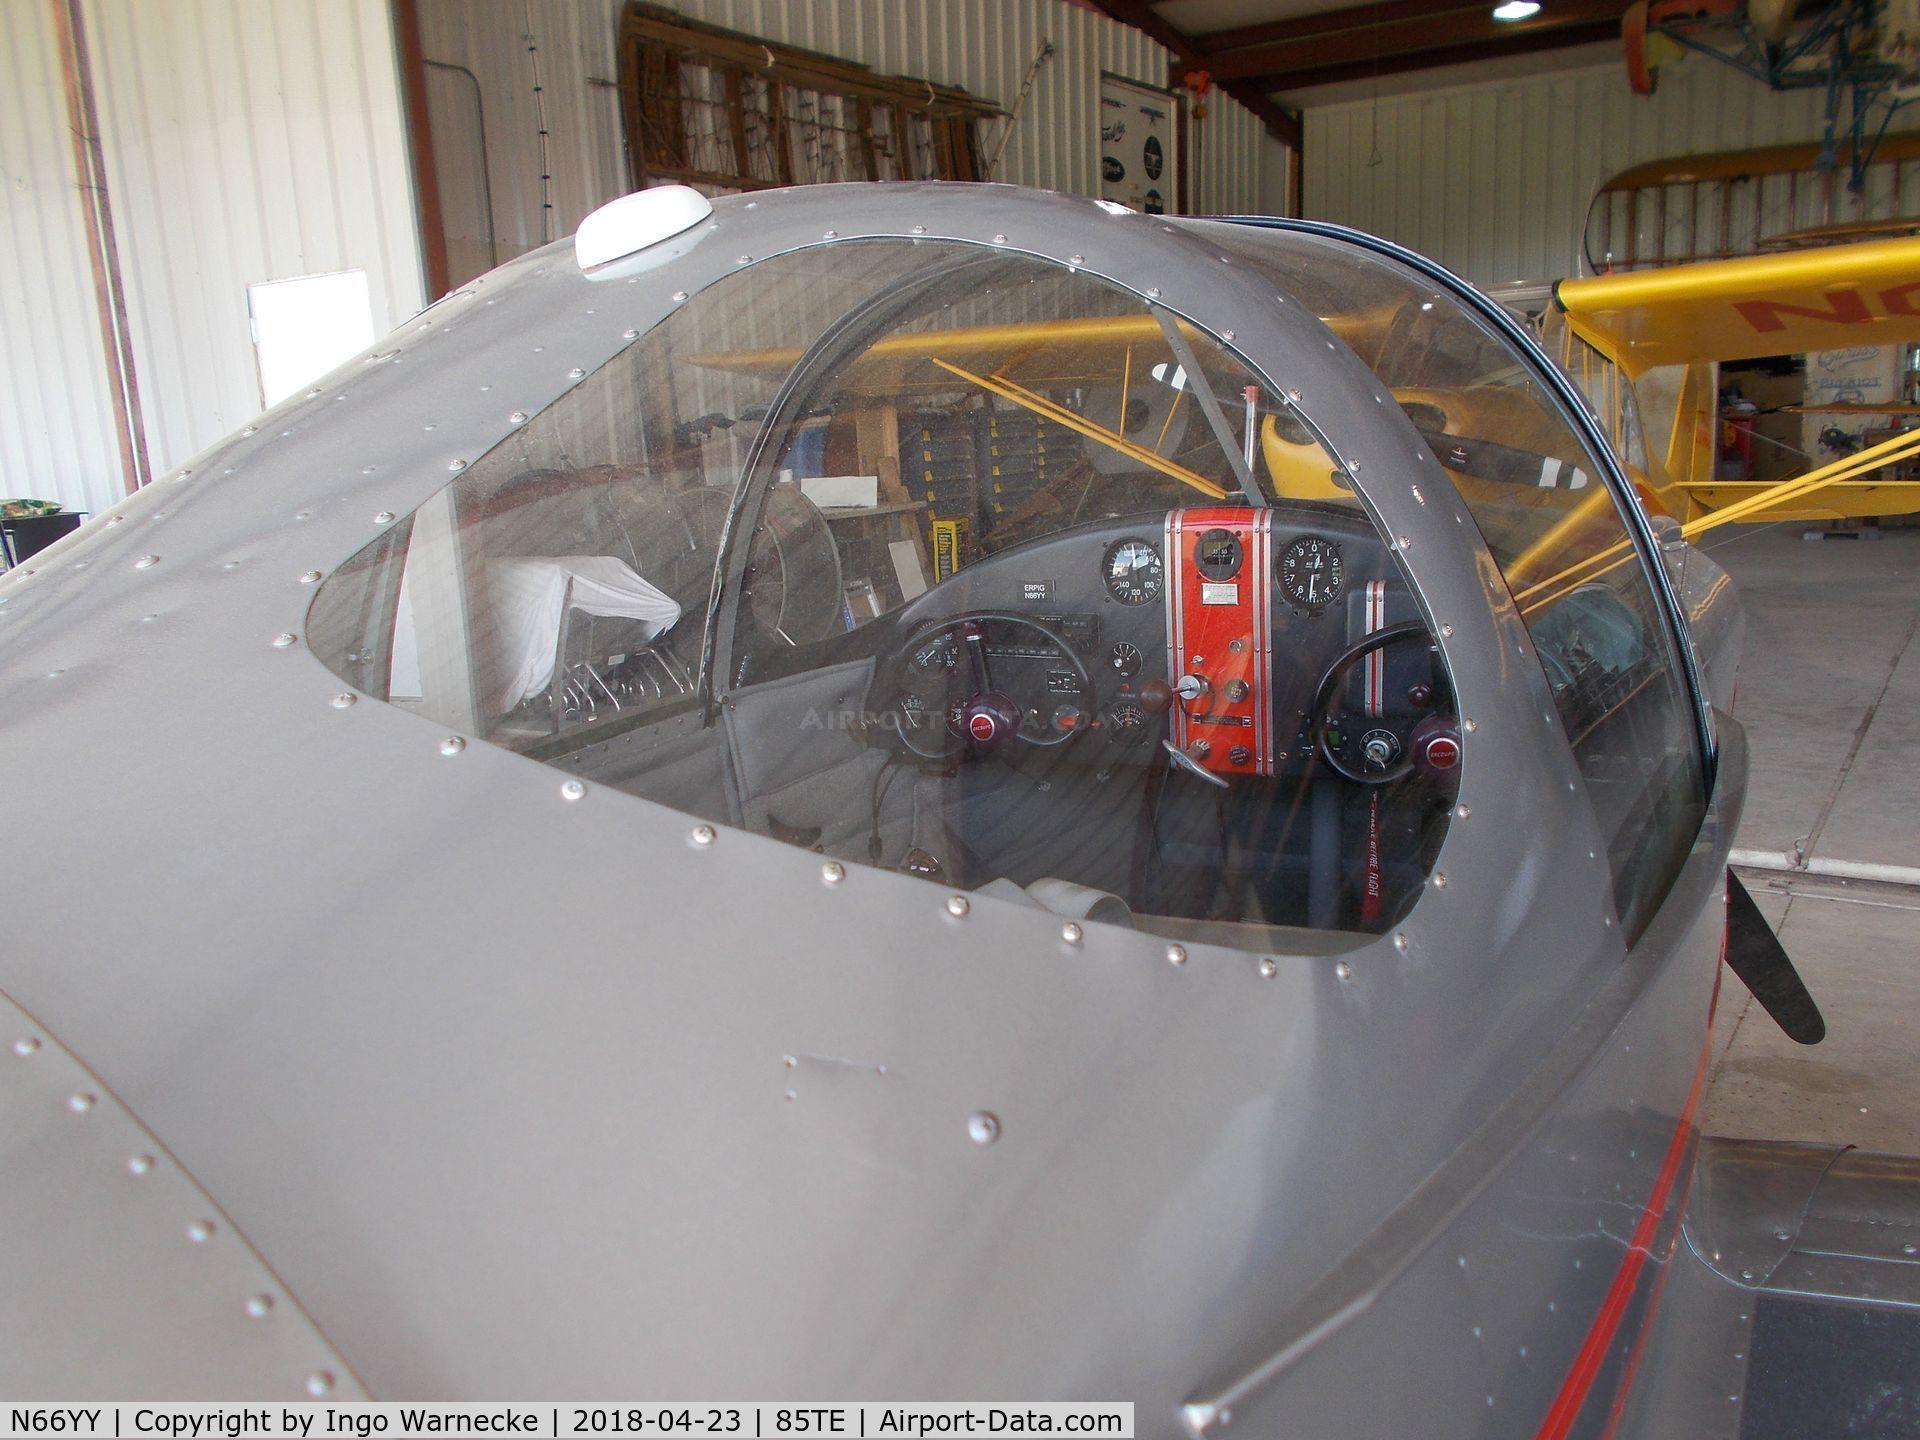 N66YY, Ercoupe 415-C C/N 1643, Ercoupe 415-C at the Pioneer Flight Museum, Kingsbury TX